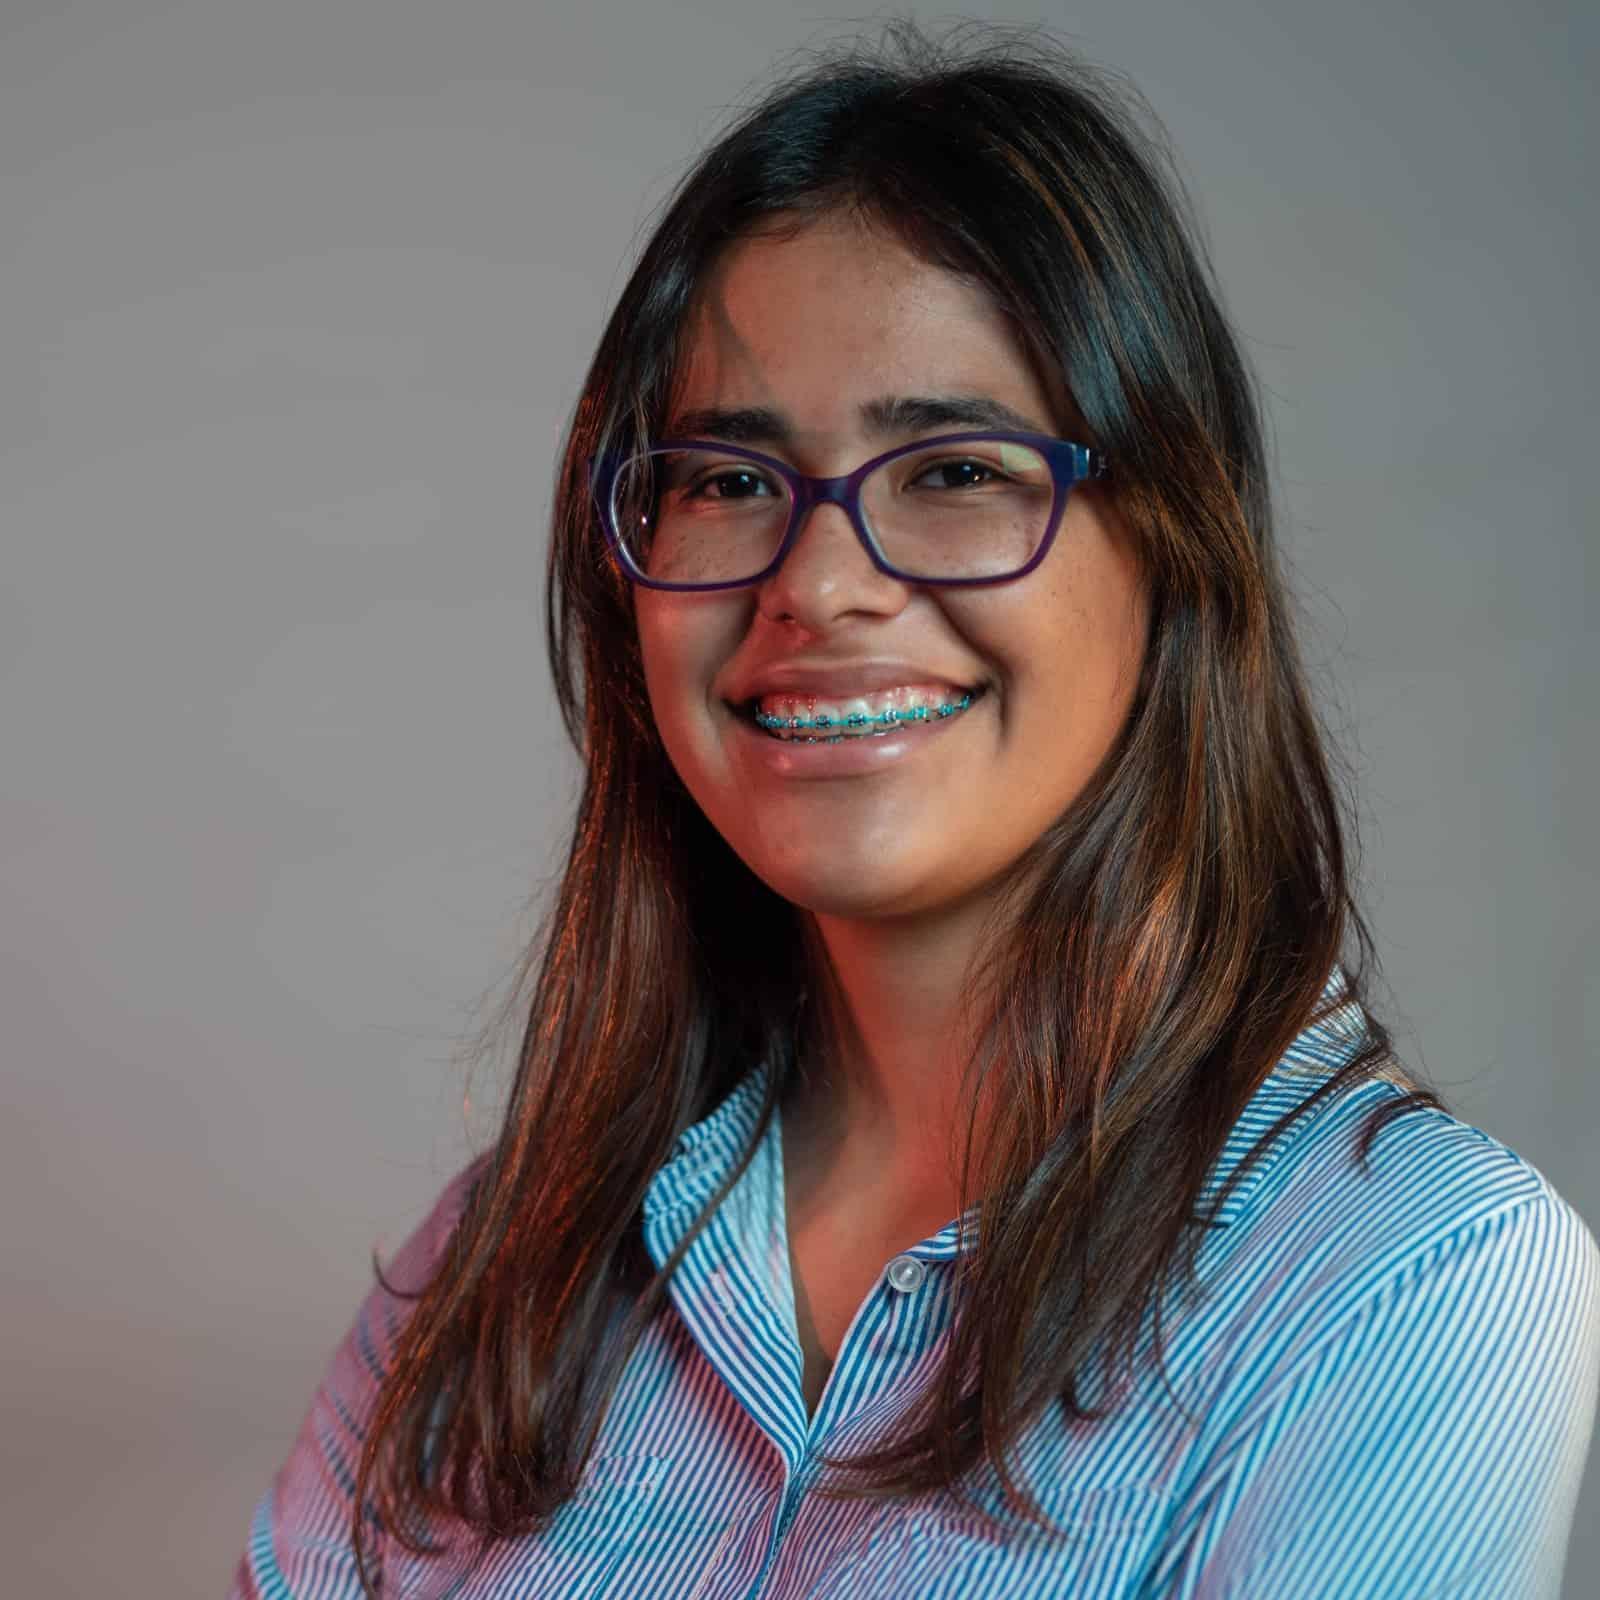 Zoé Conde Velázquez